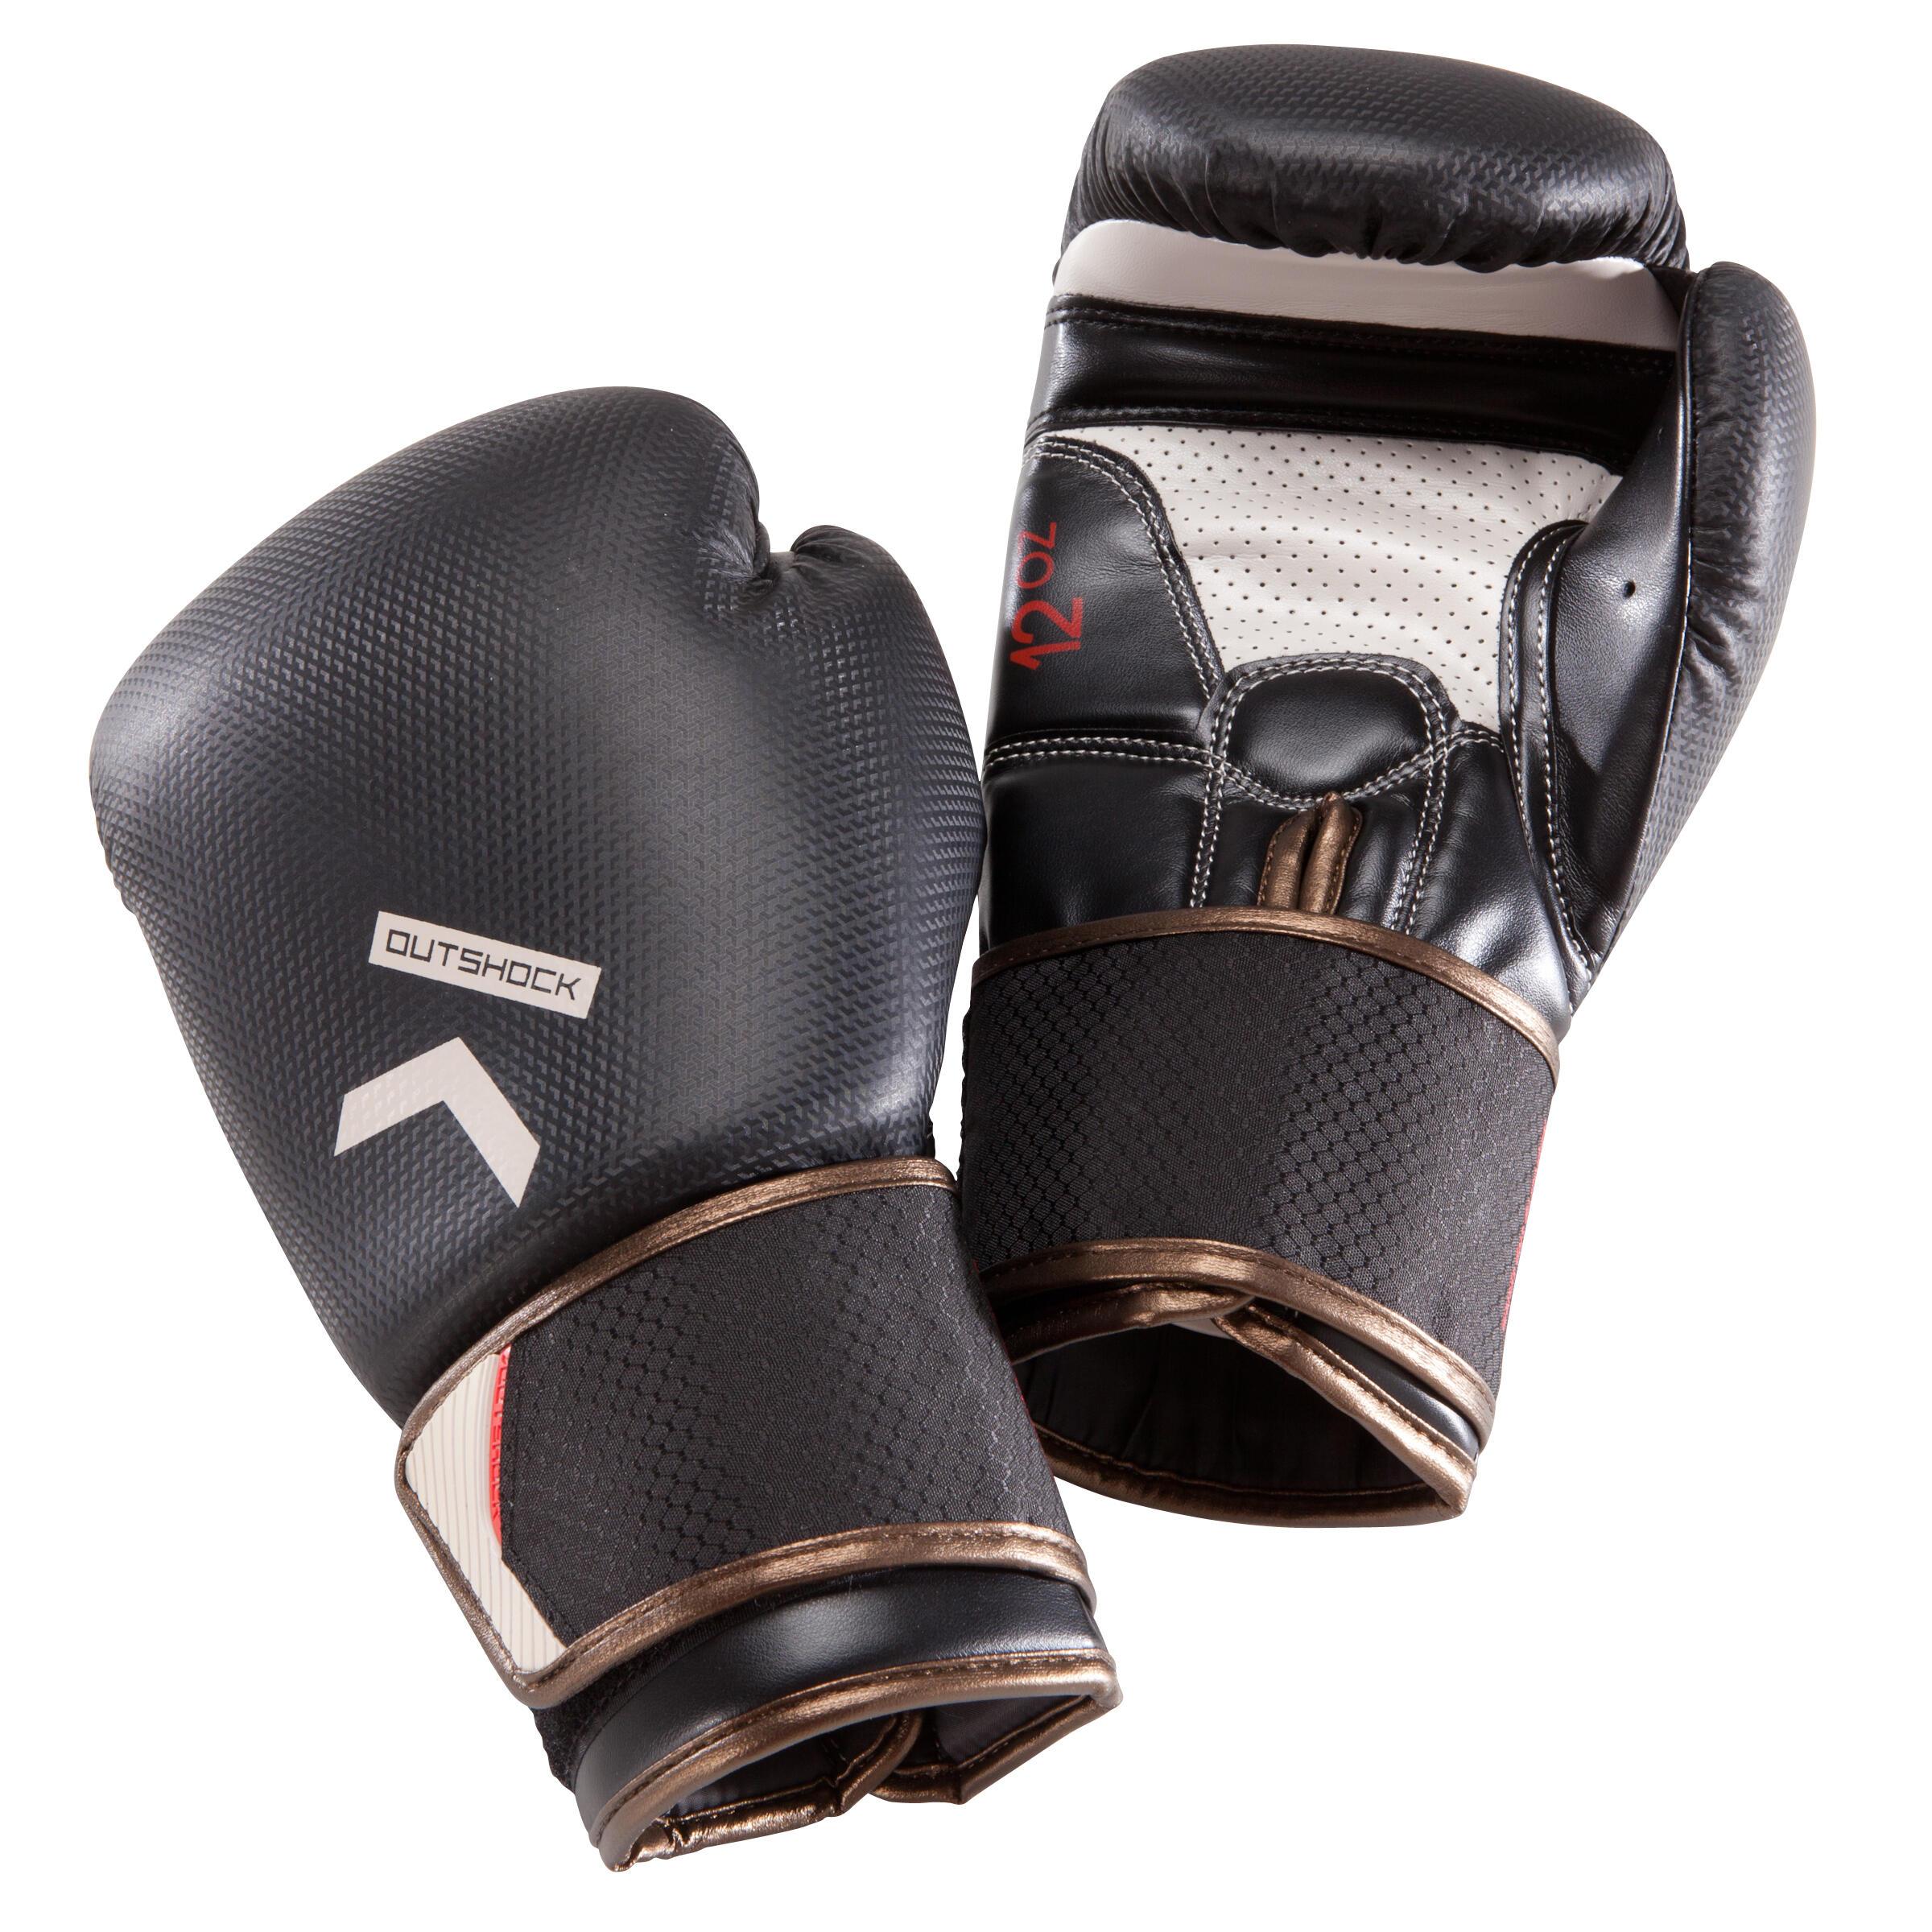 Outshock Bokshandschoenen 500 zwart voor halfgevorderde boksers heren en dames